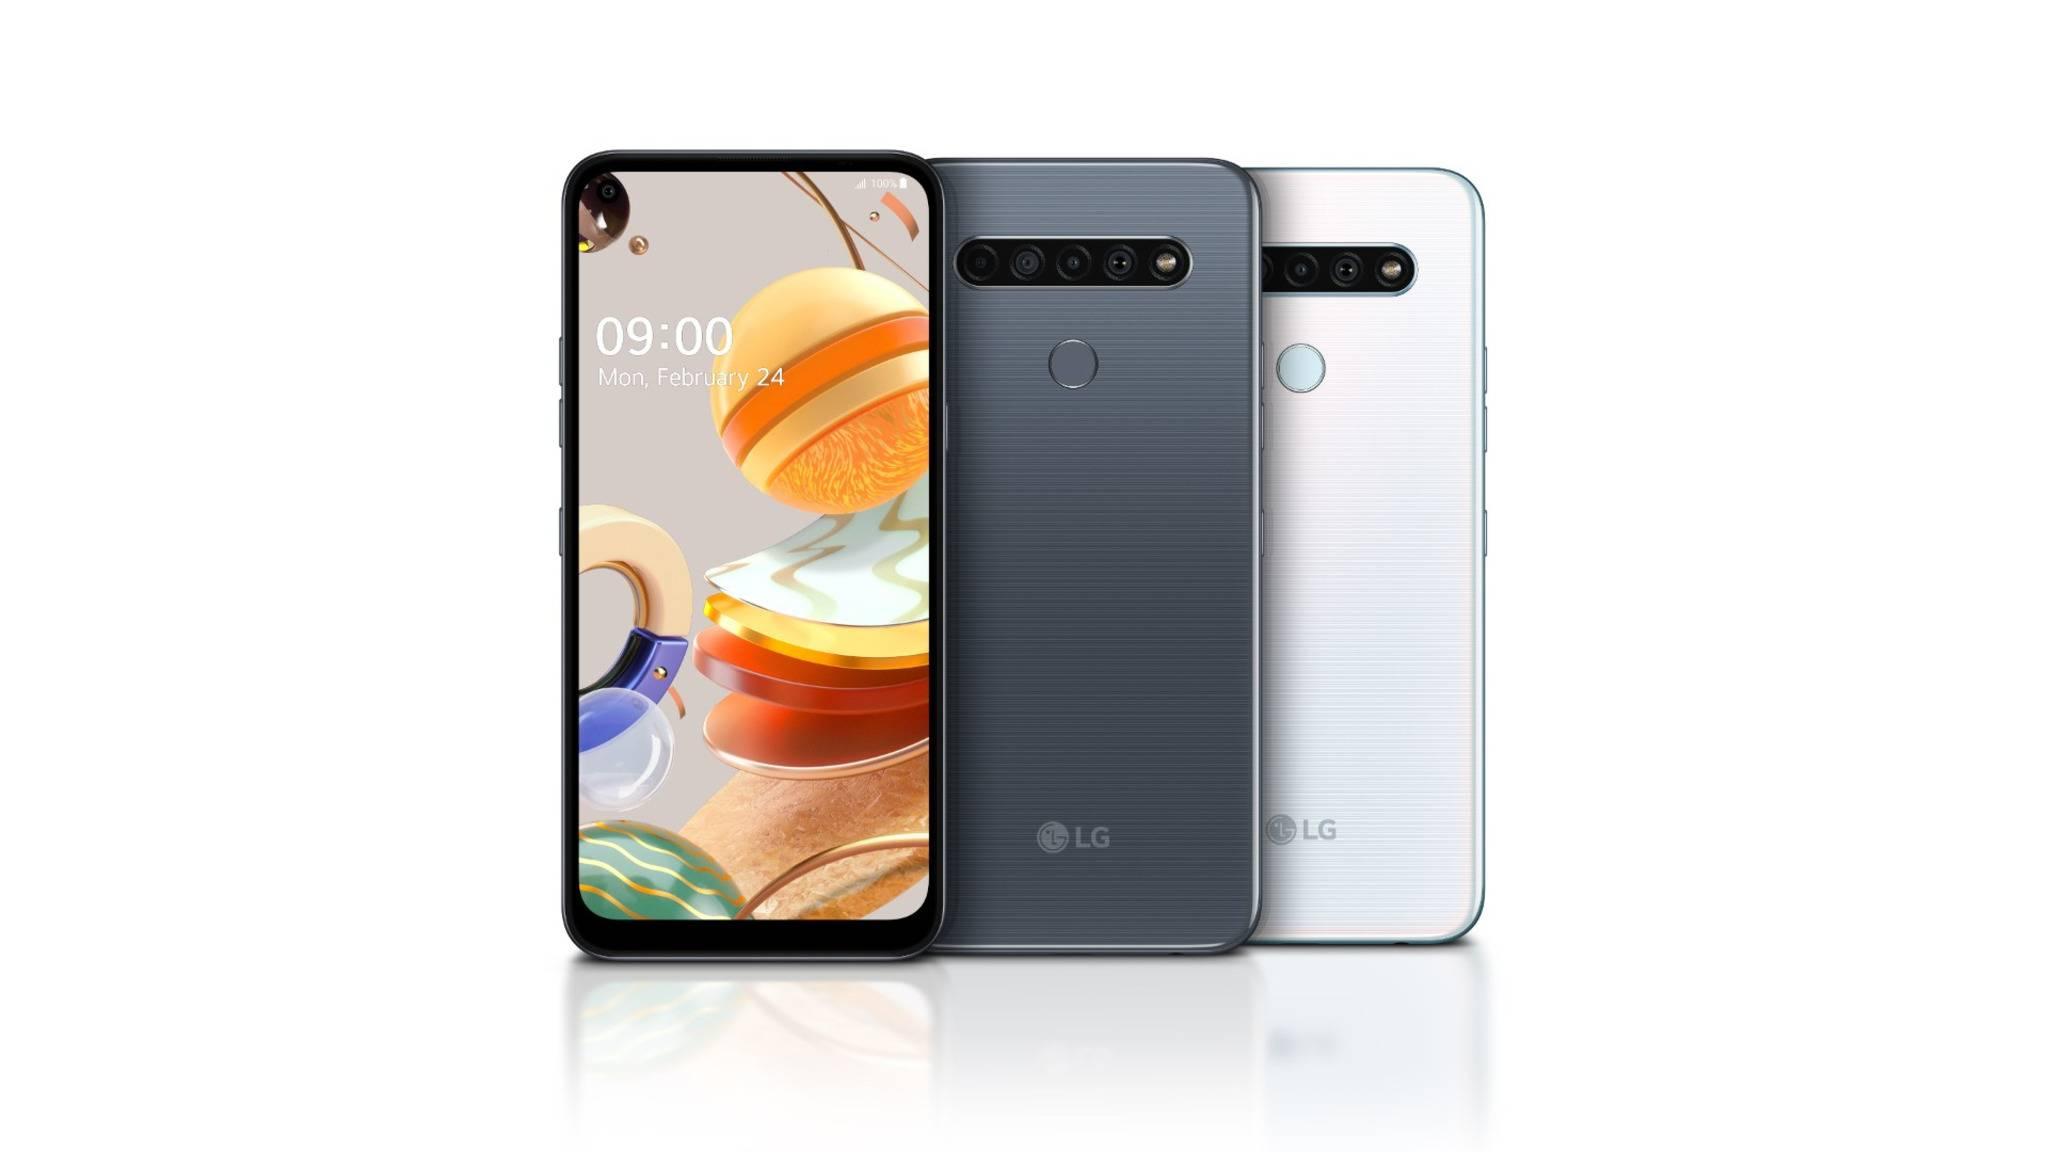 LG-K61-Smartphone